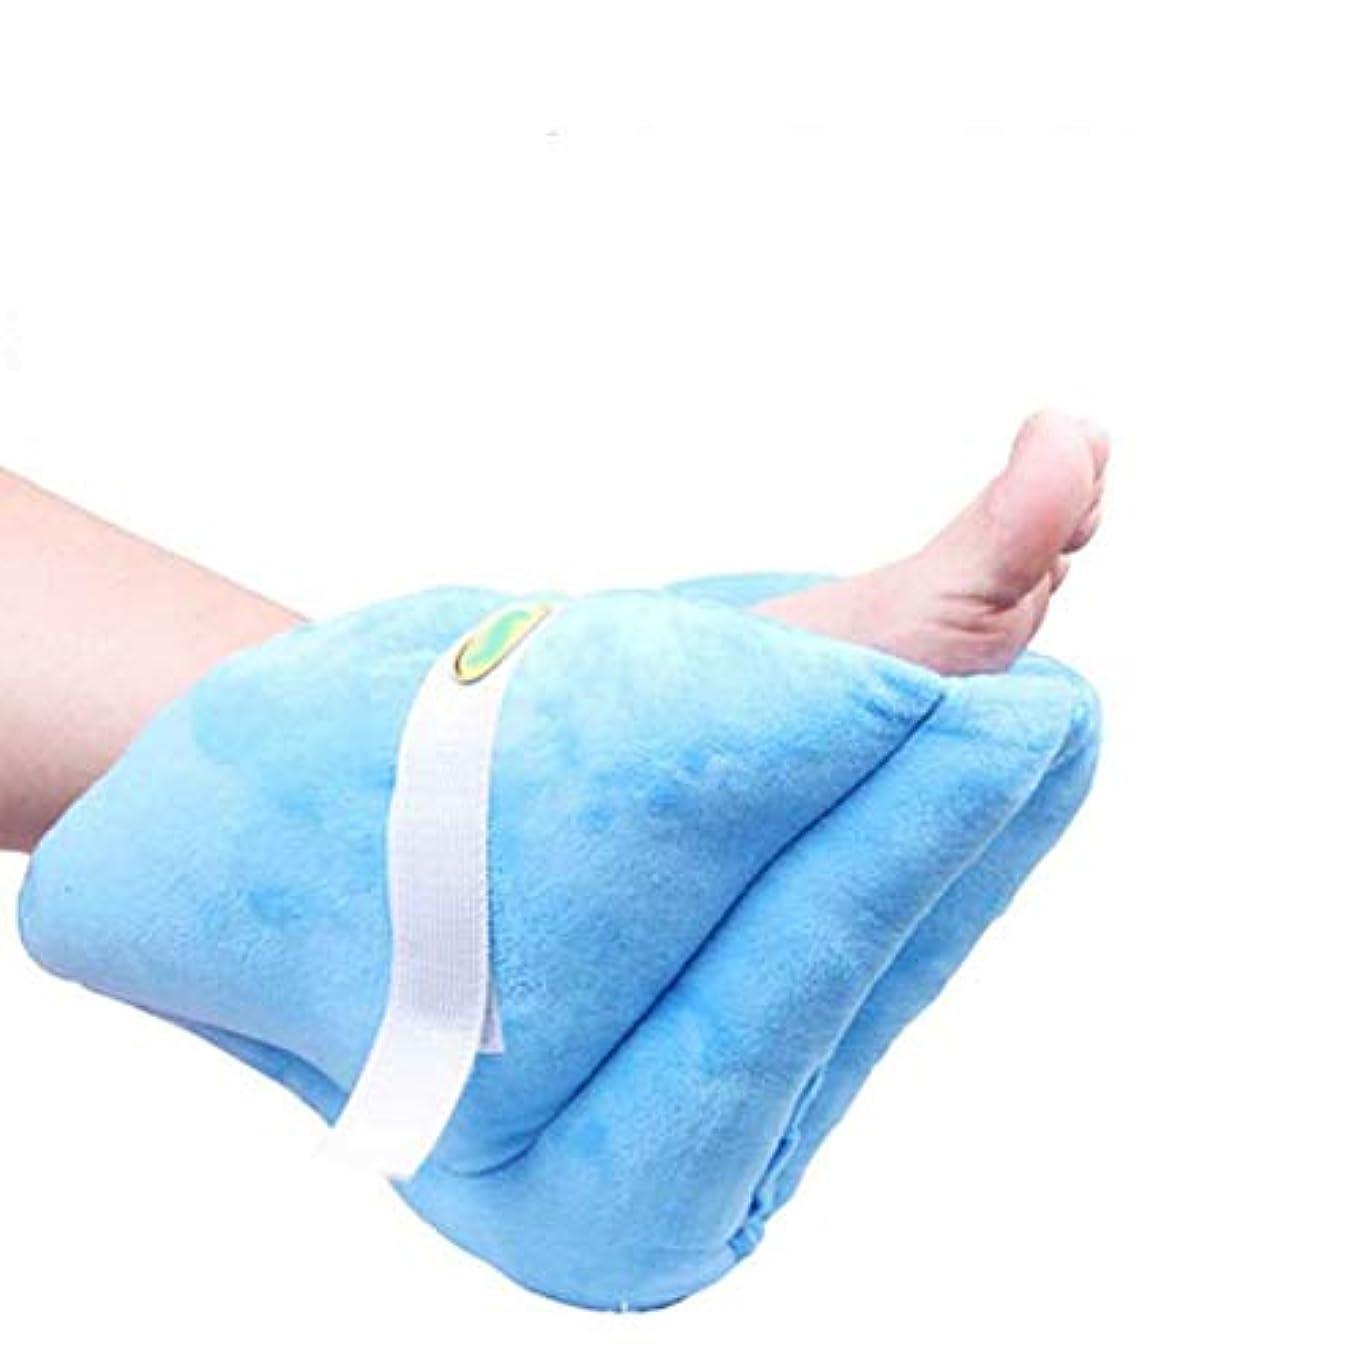 作業普遍的なボーダーヒールクッションプロテクター - 足と足首の枕 - ヒール保護ガード - 足、肘、かかと - ベッド&褥瘡を保護します,1pc